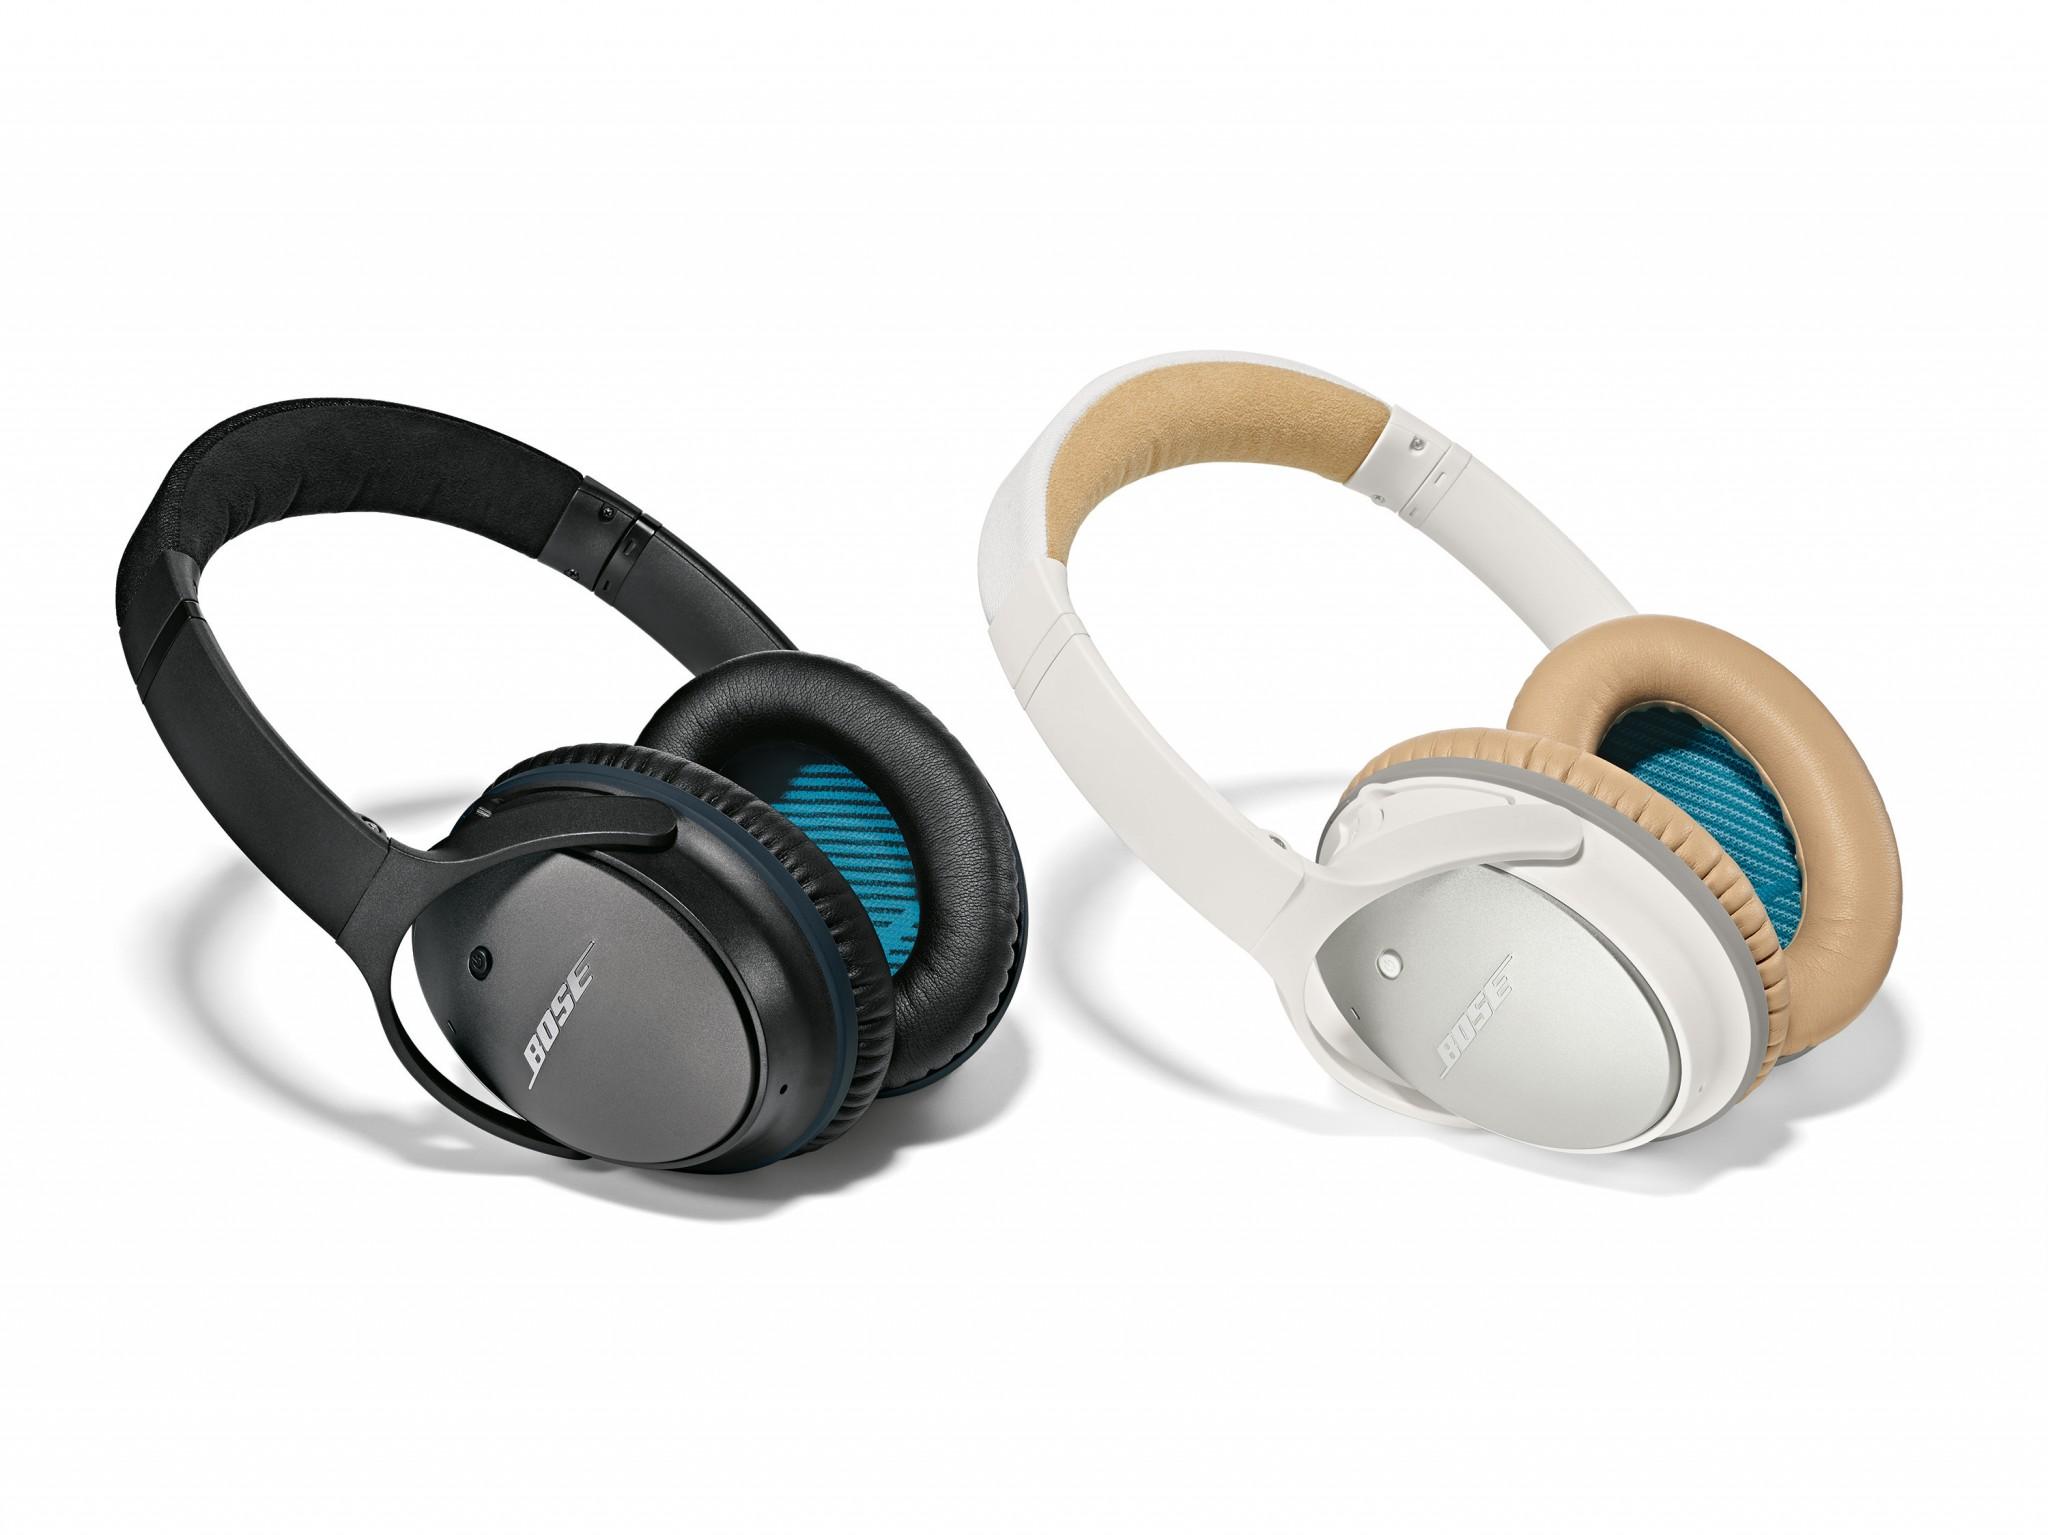 Beats Studio vs. Bose QuietComfort 25: Headphones Matchup